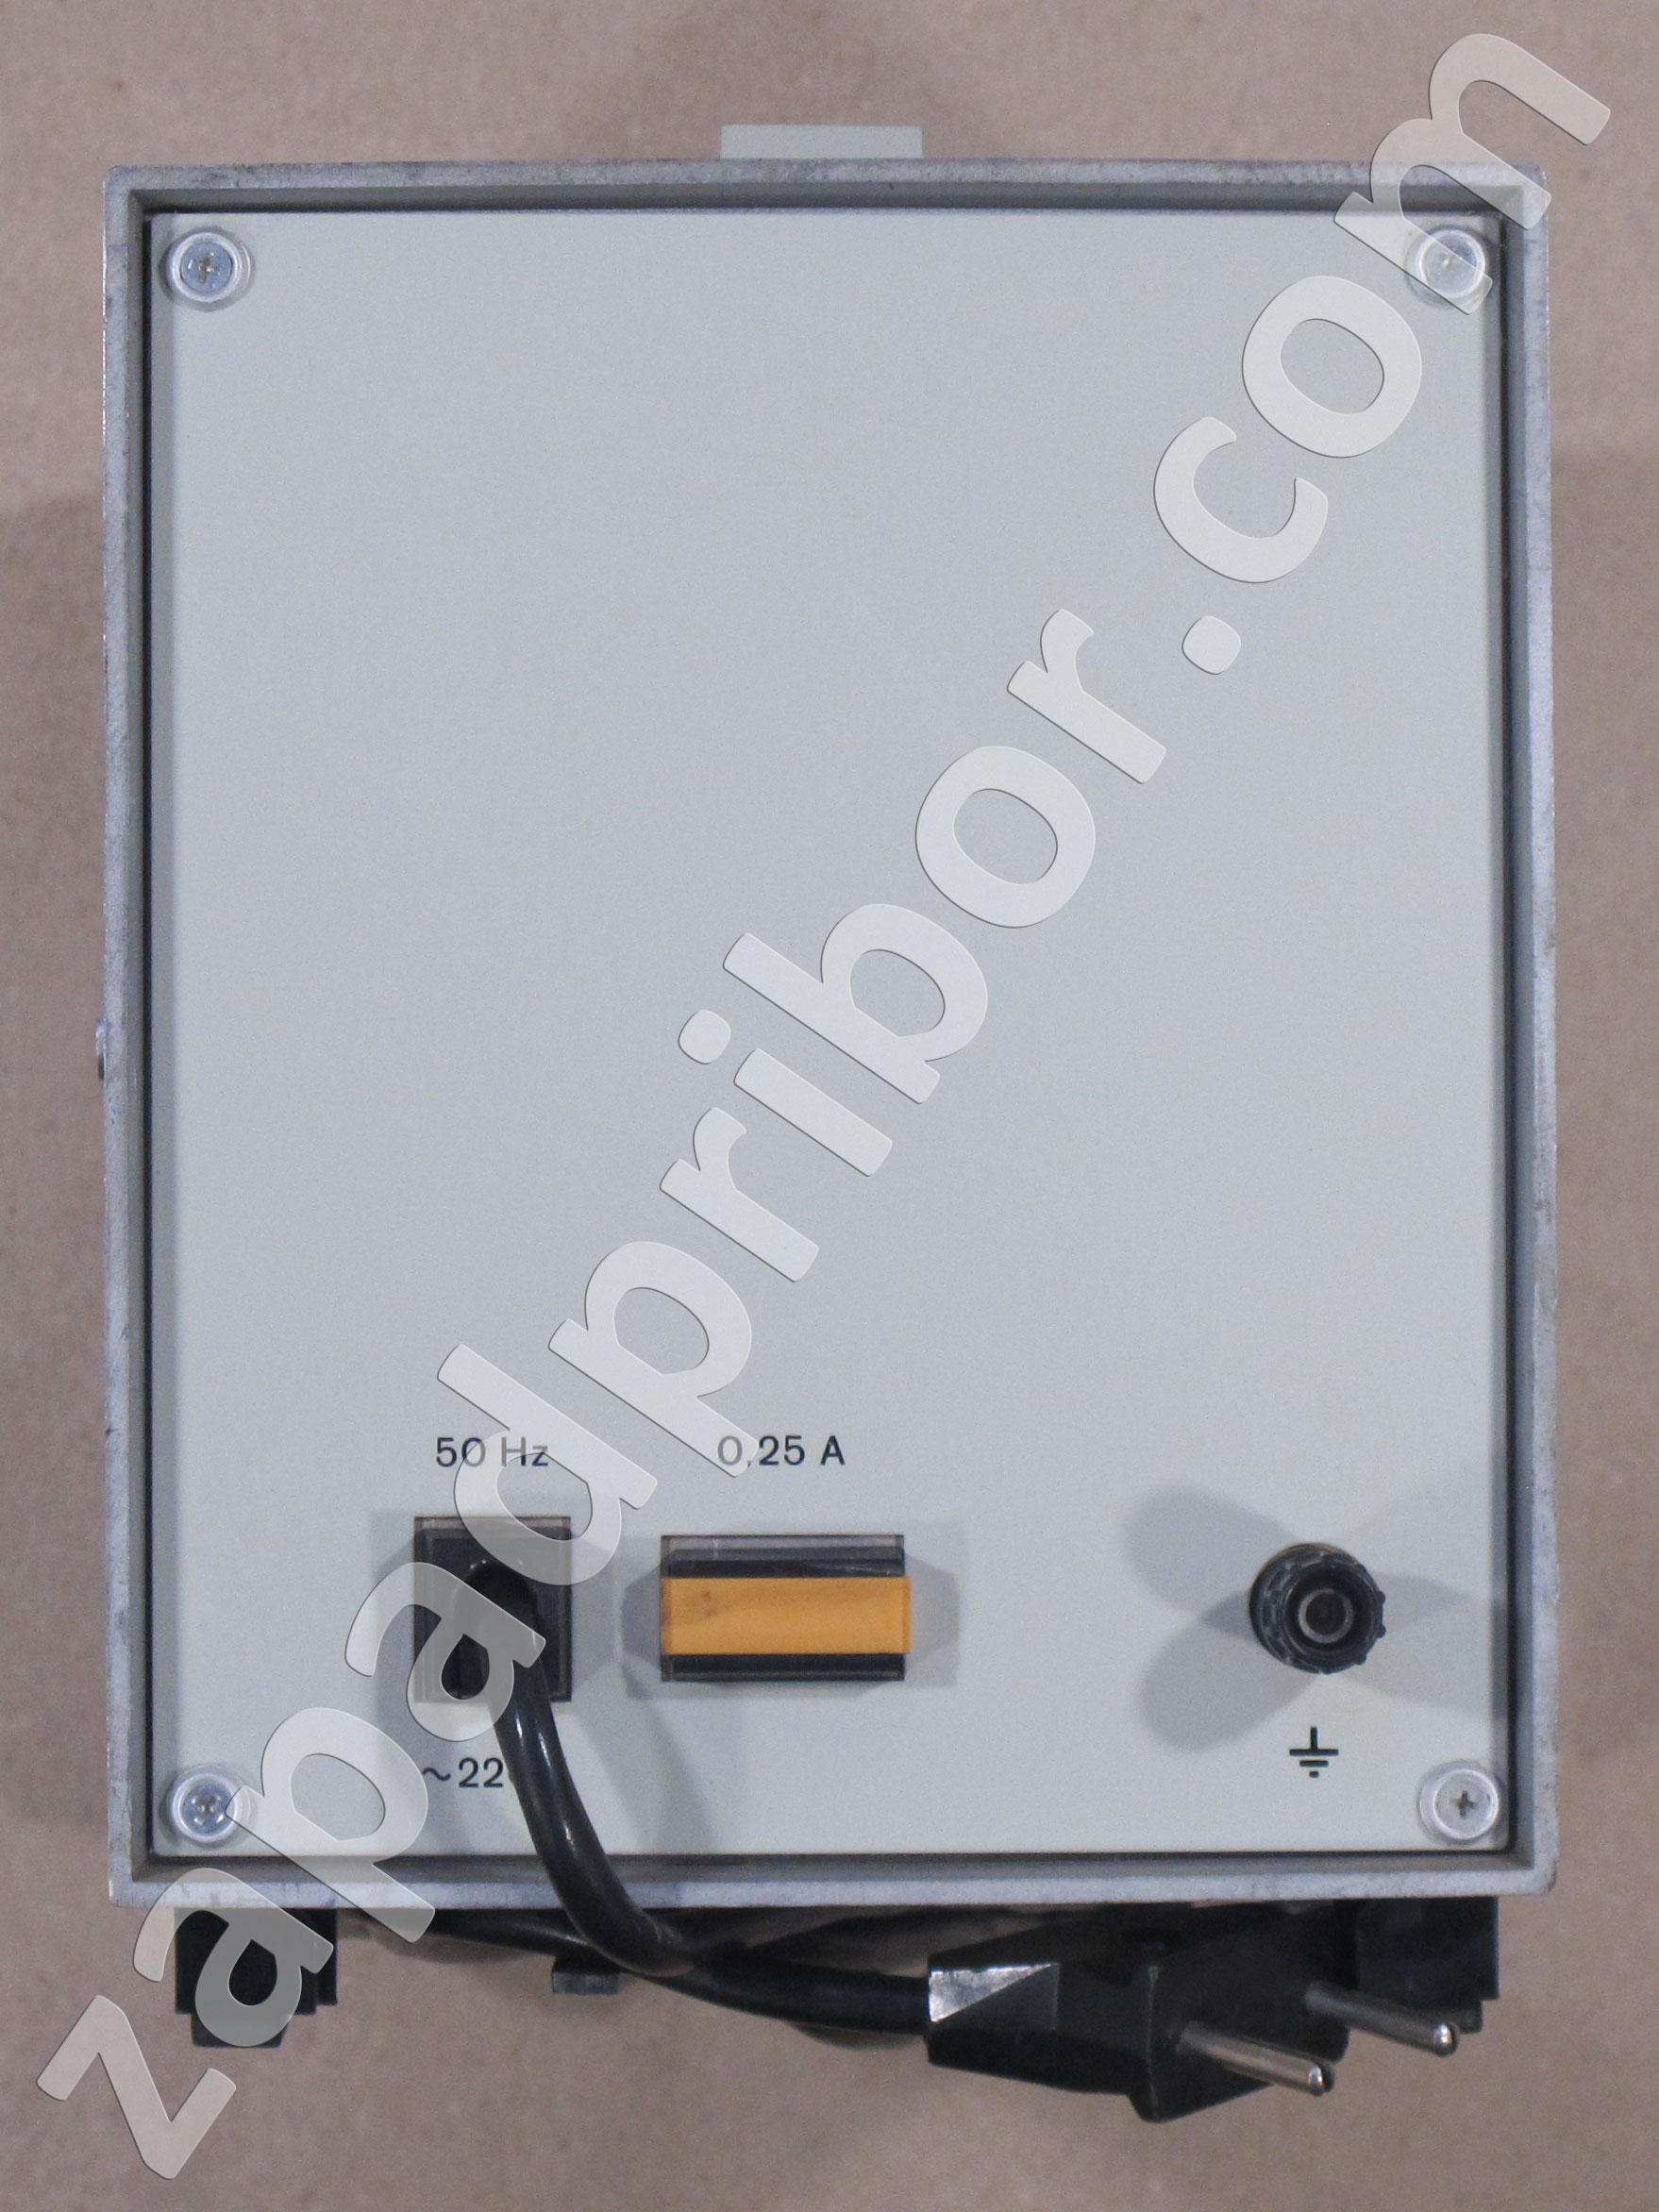 мілівольтметр змінного струму b3 38